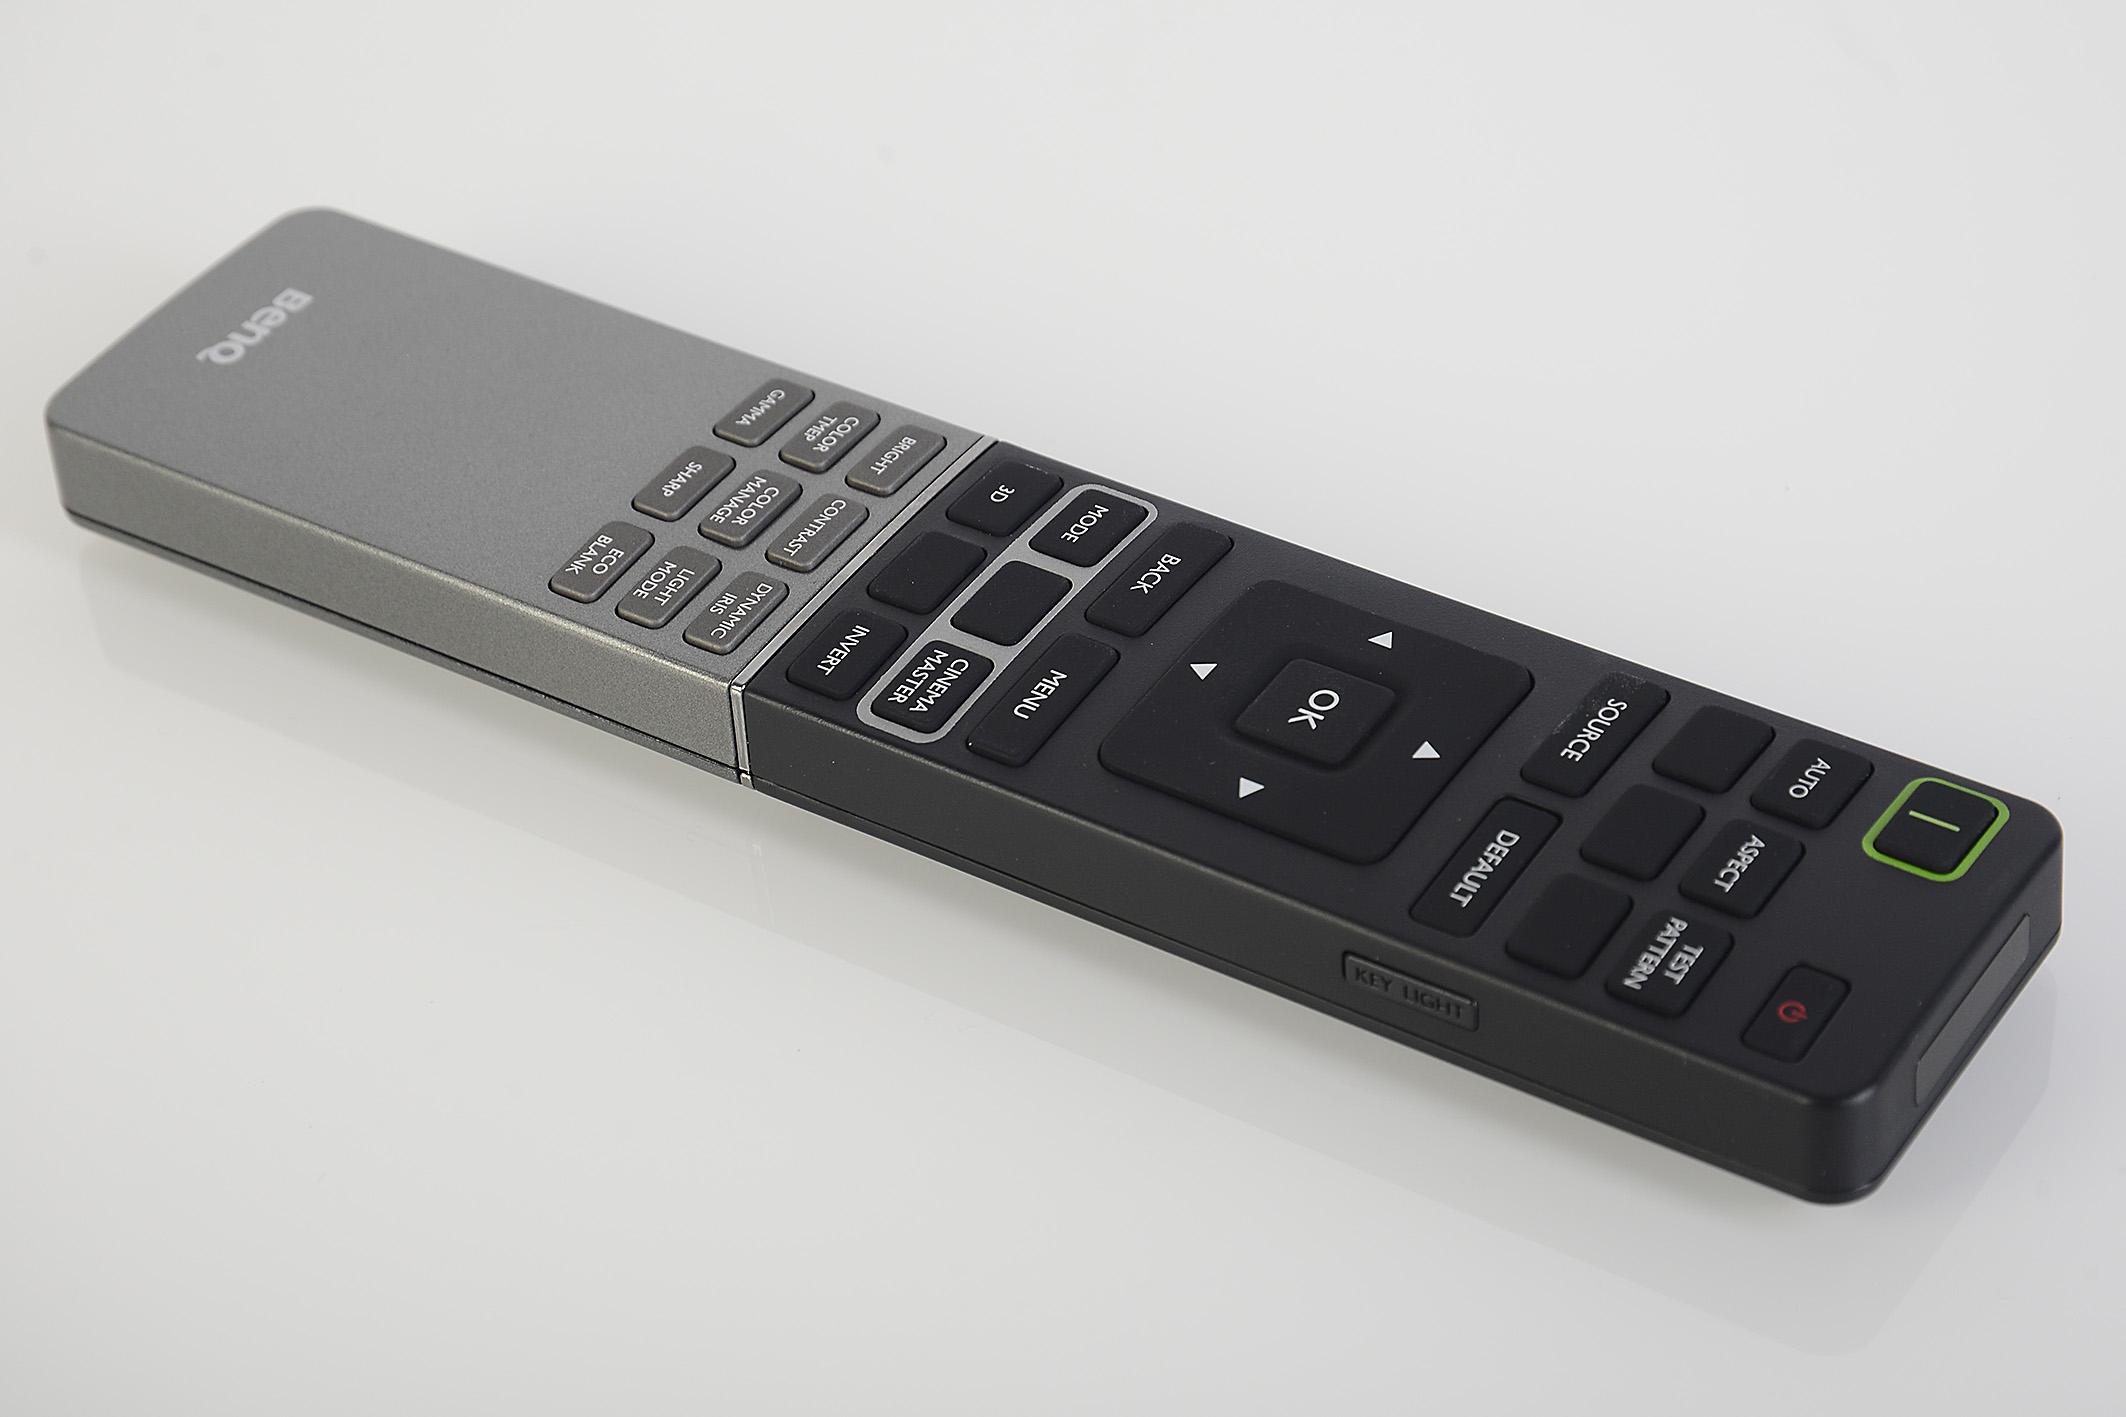 Foto: Michael B. Rehders BenQ hat die Fernbedienung neu designt. Die Tastatur ist beleuchtet und es lässt sich schnell und treffsicher durch das On-Screen-Menü navigieren.